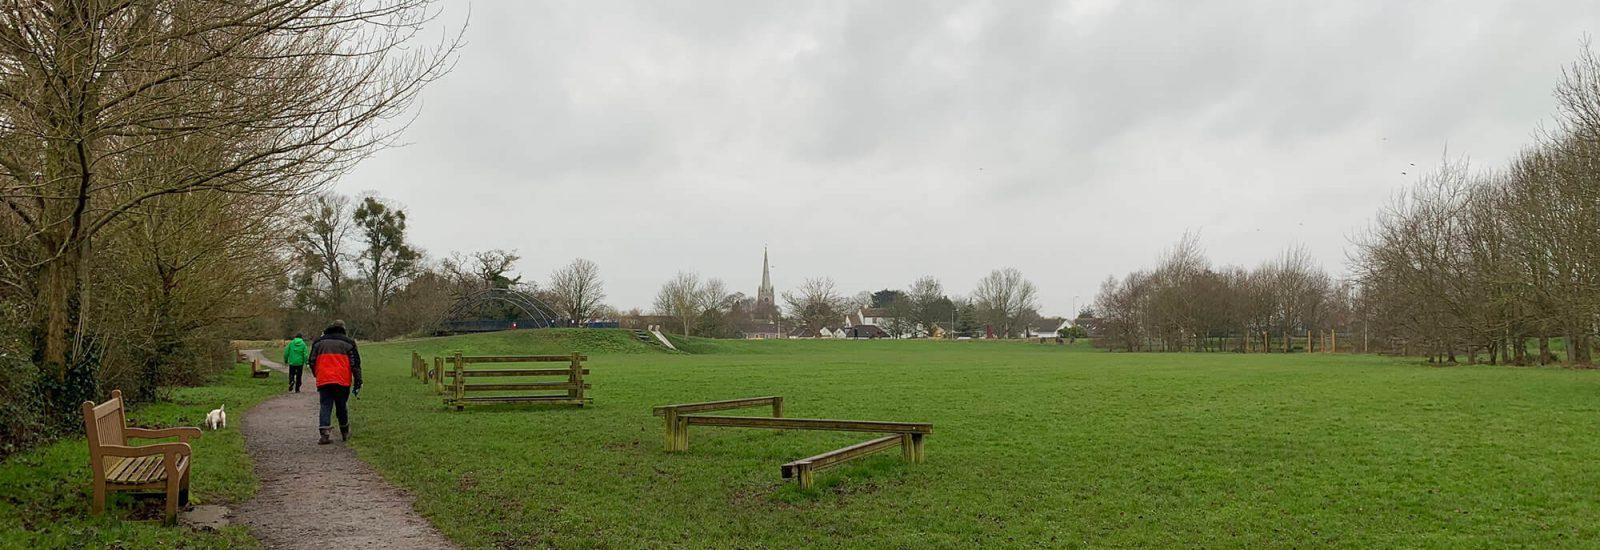 Image of Congresbury Millennium Green